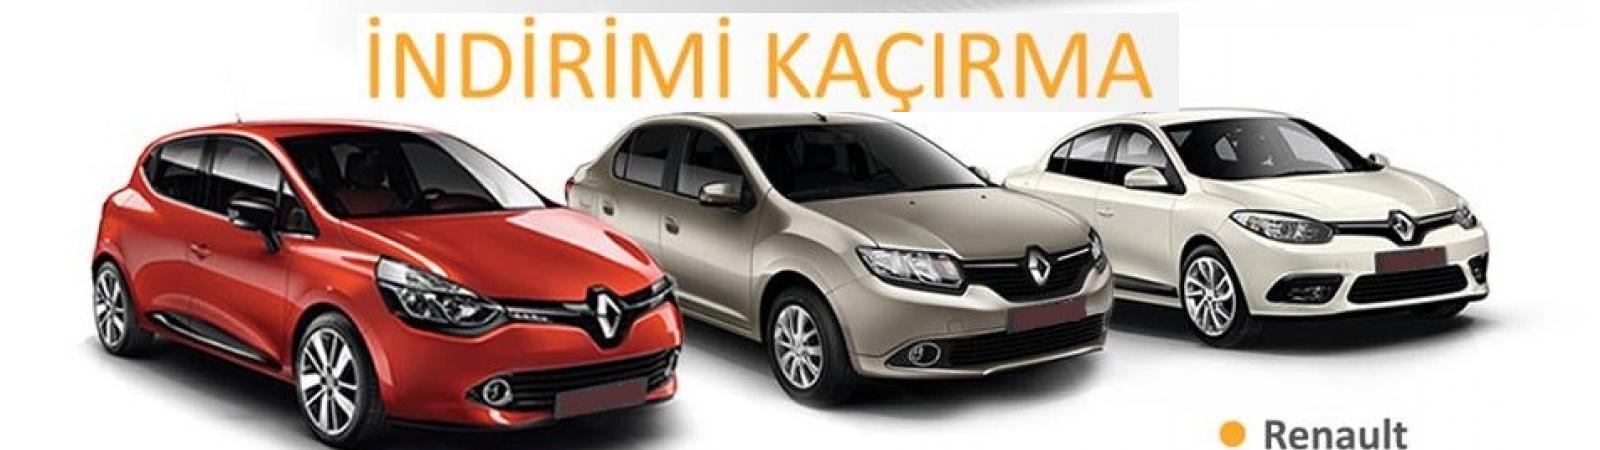 Antalya Kundu Rent A Car Lara Araç Kiralama